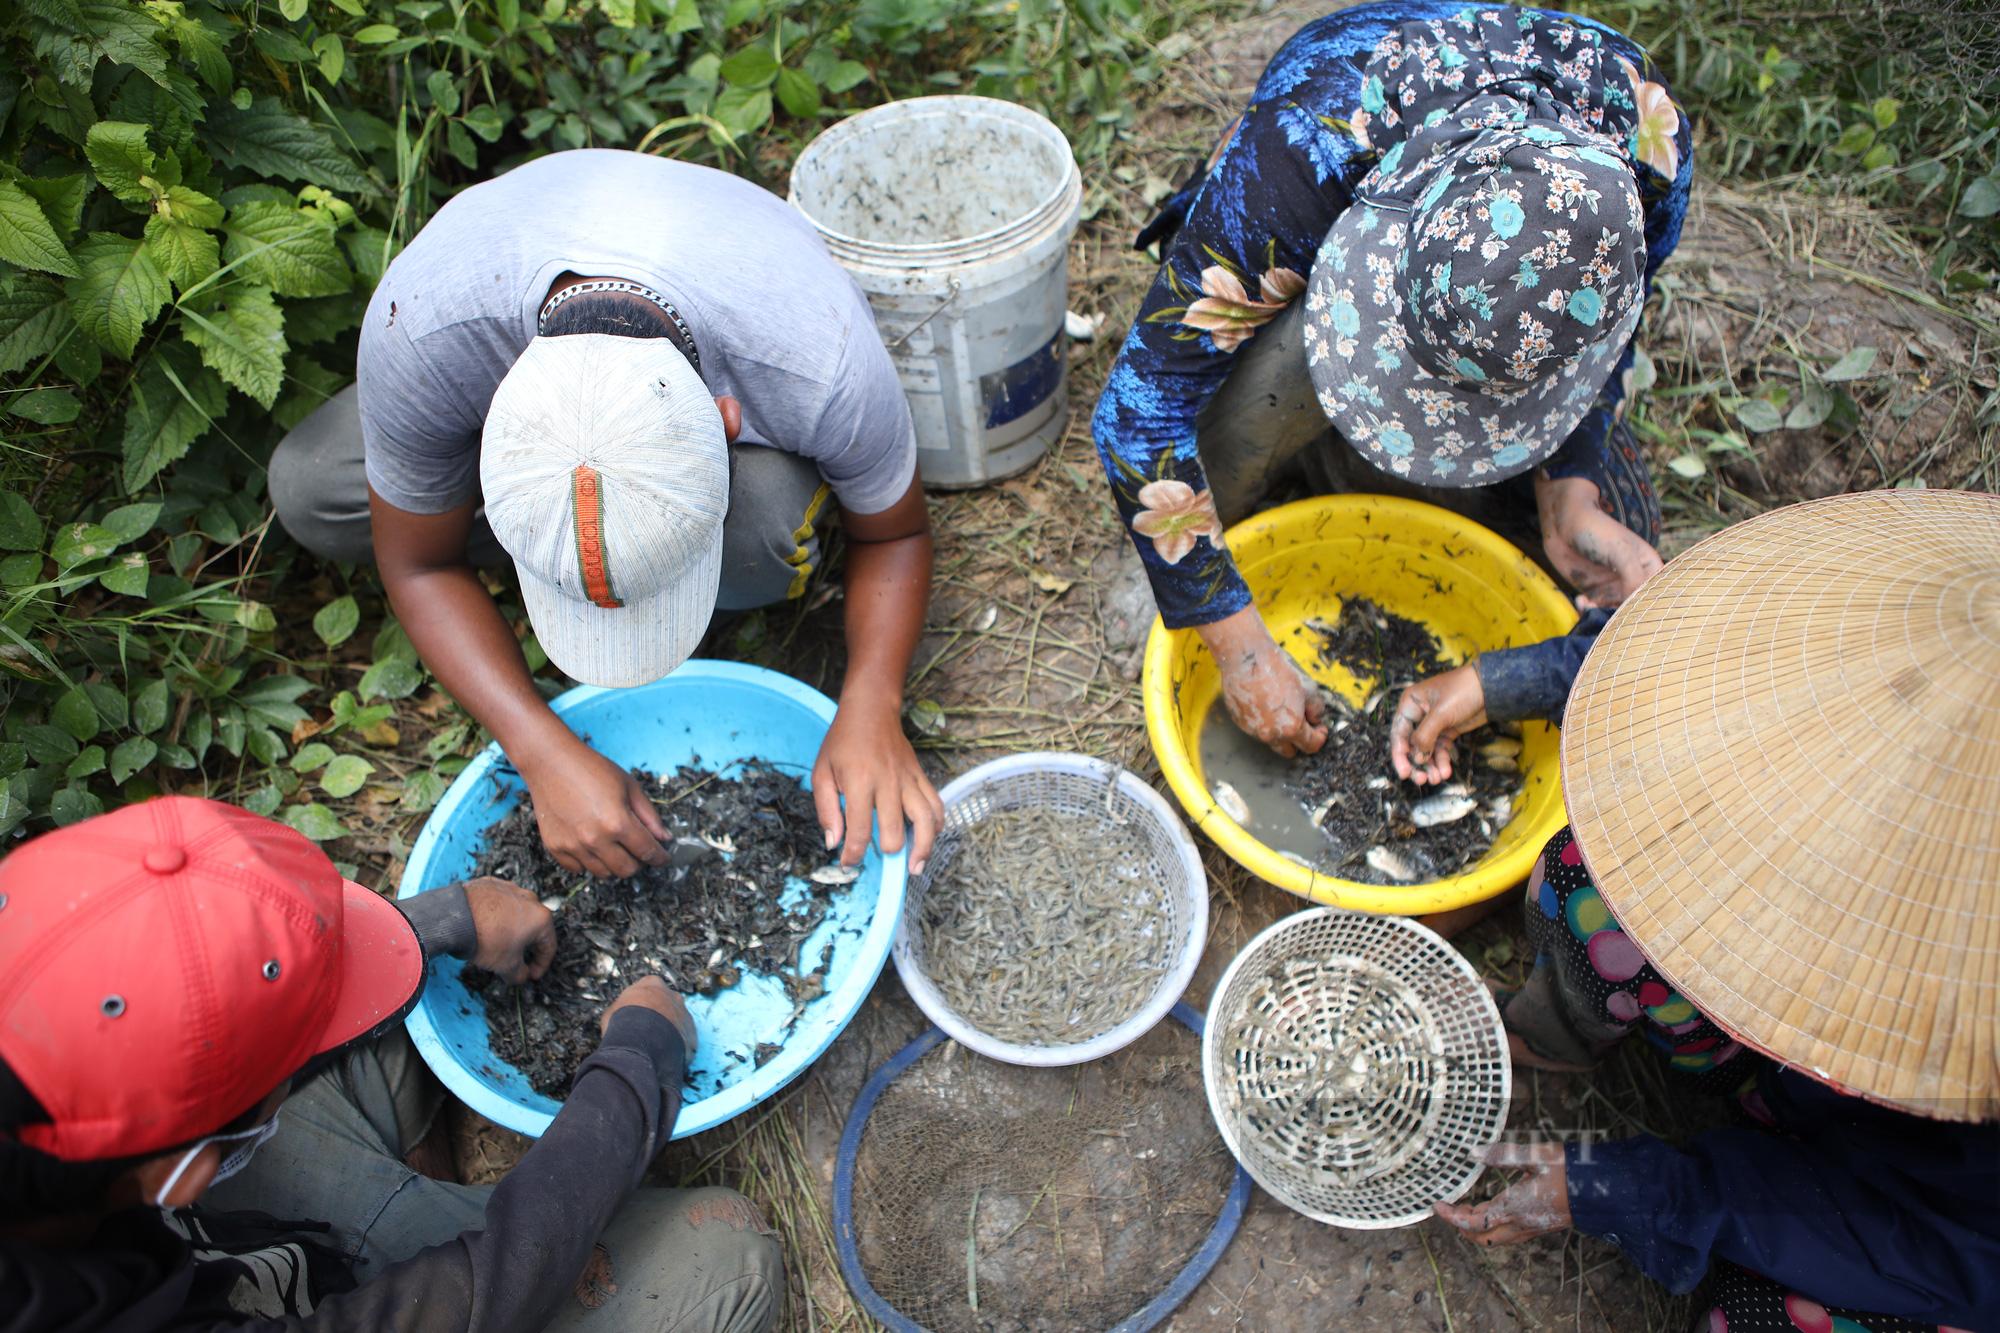 Ảnh: Người dân lao động mò cua, bắt cá lay lắt sống qua ngày tại TP.HCM - Ảnh 4.